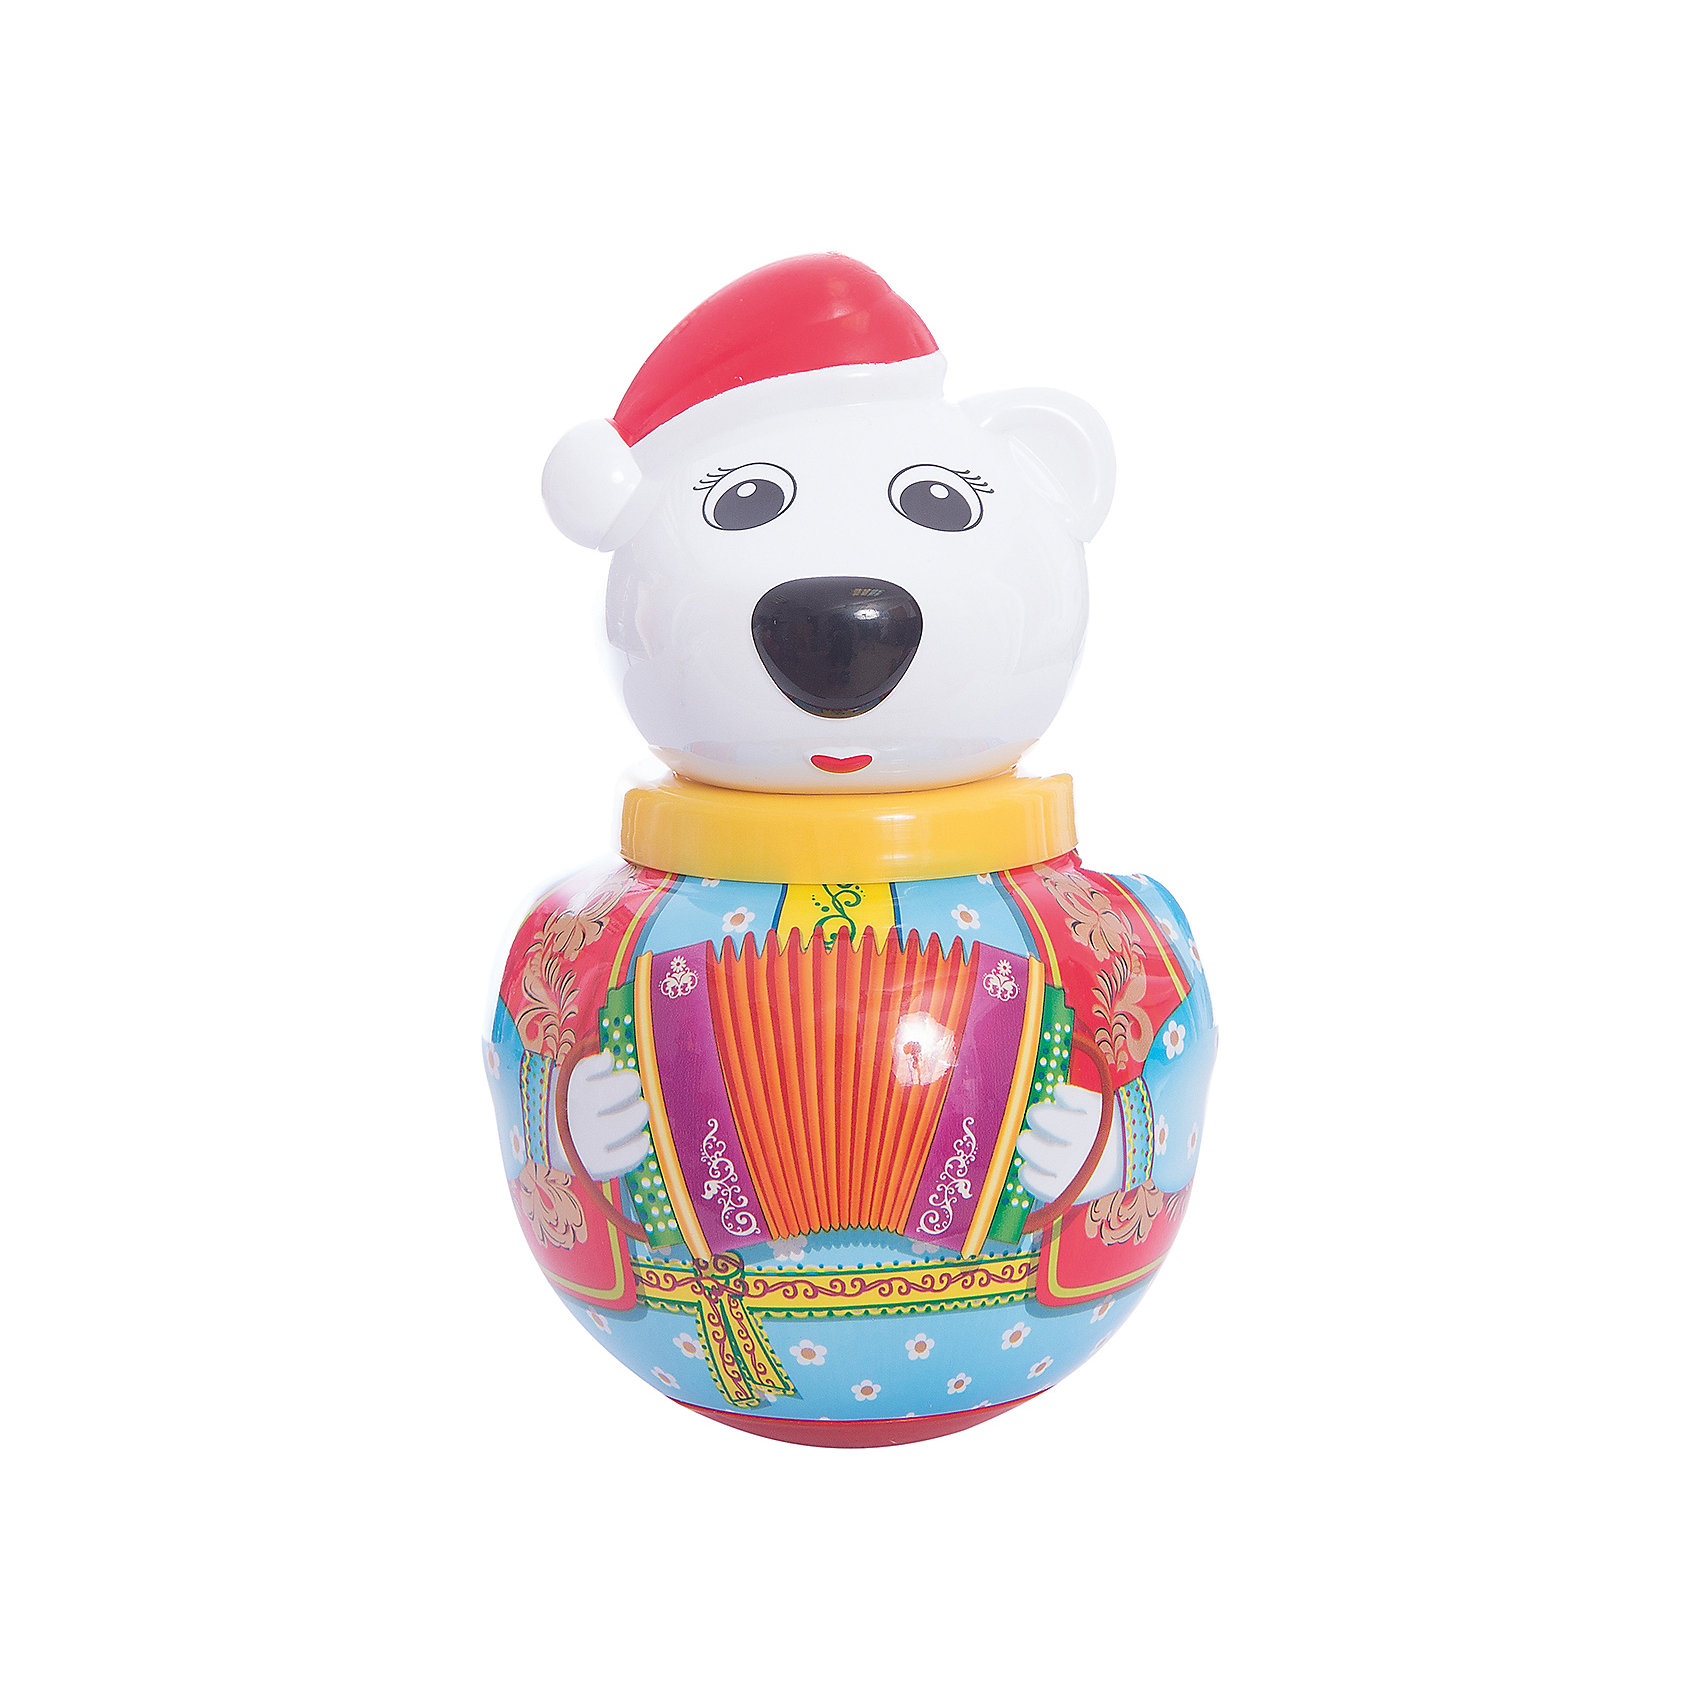 Неваляшка Белый медведь ТёмаНеваляшки<br>Белый медведь Тёма - яркая и красивая игрушка-неваляшка Белый медведь Тема.<br><br>У Темы очень добрый и нежный характер: в лапке он держит букетик цветов.<br><br>Стоит лишь подтолкнуть его, Тема начинает покачиваться и издает мелодичное позвякивание, но он никогда не падает, ведь Тема - не обычный белый медведь, а неваляшка. <br><br>Отличная классическая игрушка, которая непременно доставит удовольствие вашему крохе!<br>Игрушка стимулирует развитие моторики и координации движении вашего ребенка.<br><br>Дополнительная информация:<br><br>- Размеры: 100*180*100 мм.<br>- Вес: 210 г.<br>- Материал игрушки: пластмасса.<br>- Упаковка: полиэтиленовый пакет.<br><br>Ширина мм: 100<br>Глубина мм: 260<br>Высота мм: 100<br>Вес г: 210<br>Возраст от месяцев: 6<br>Возраст до месяцев: 36<br>Пол: Унисекс<br>Возраст: Детский<br>SKU: 2555629